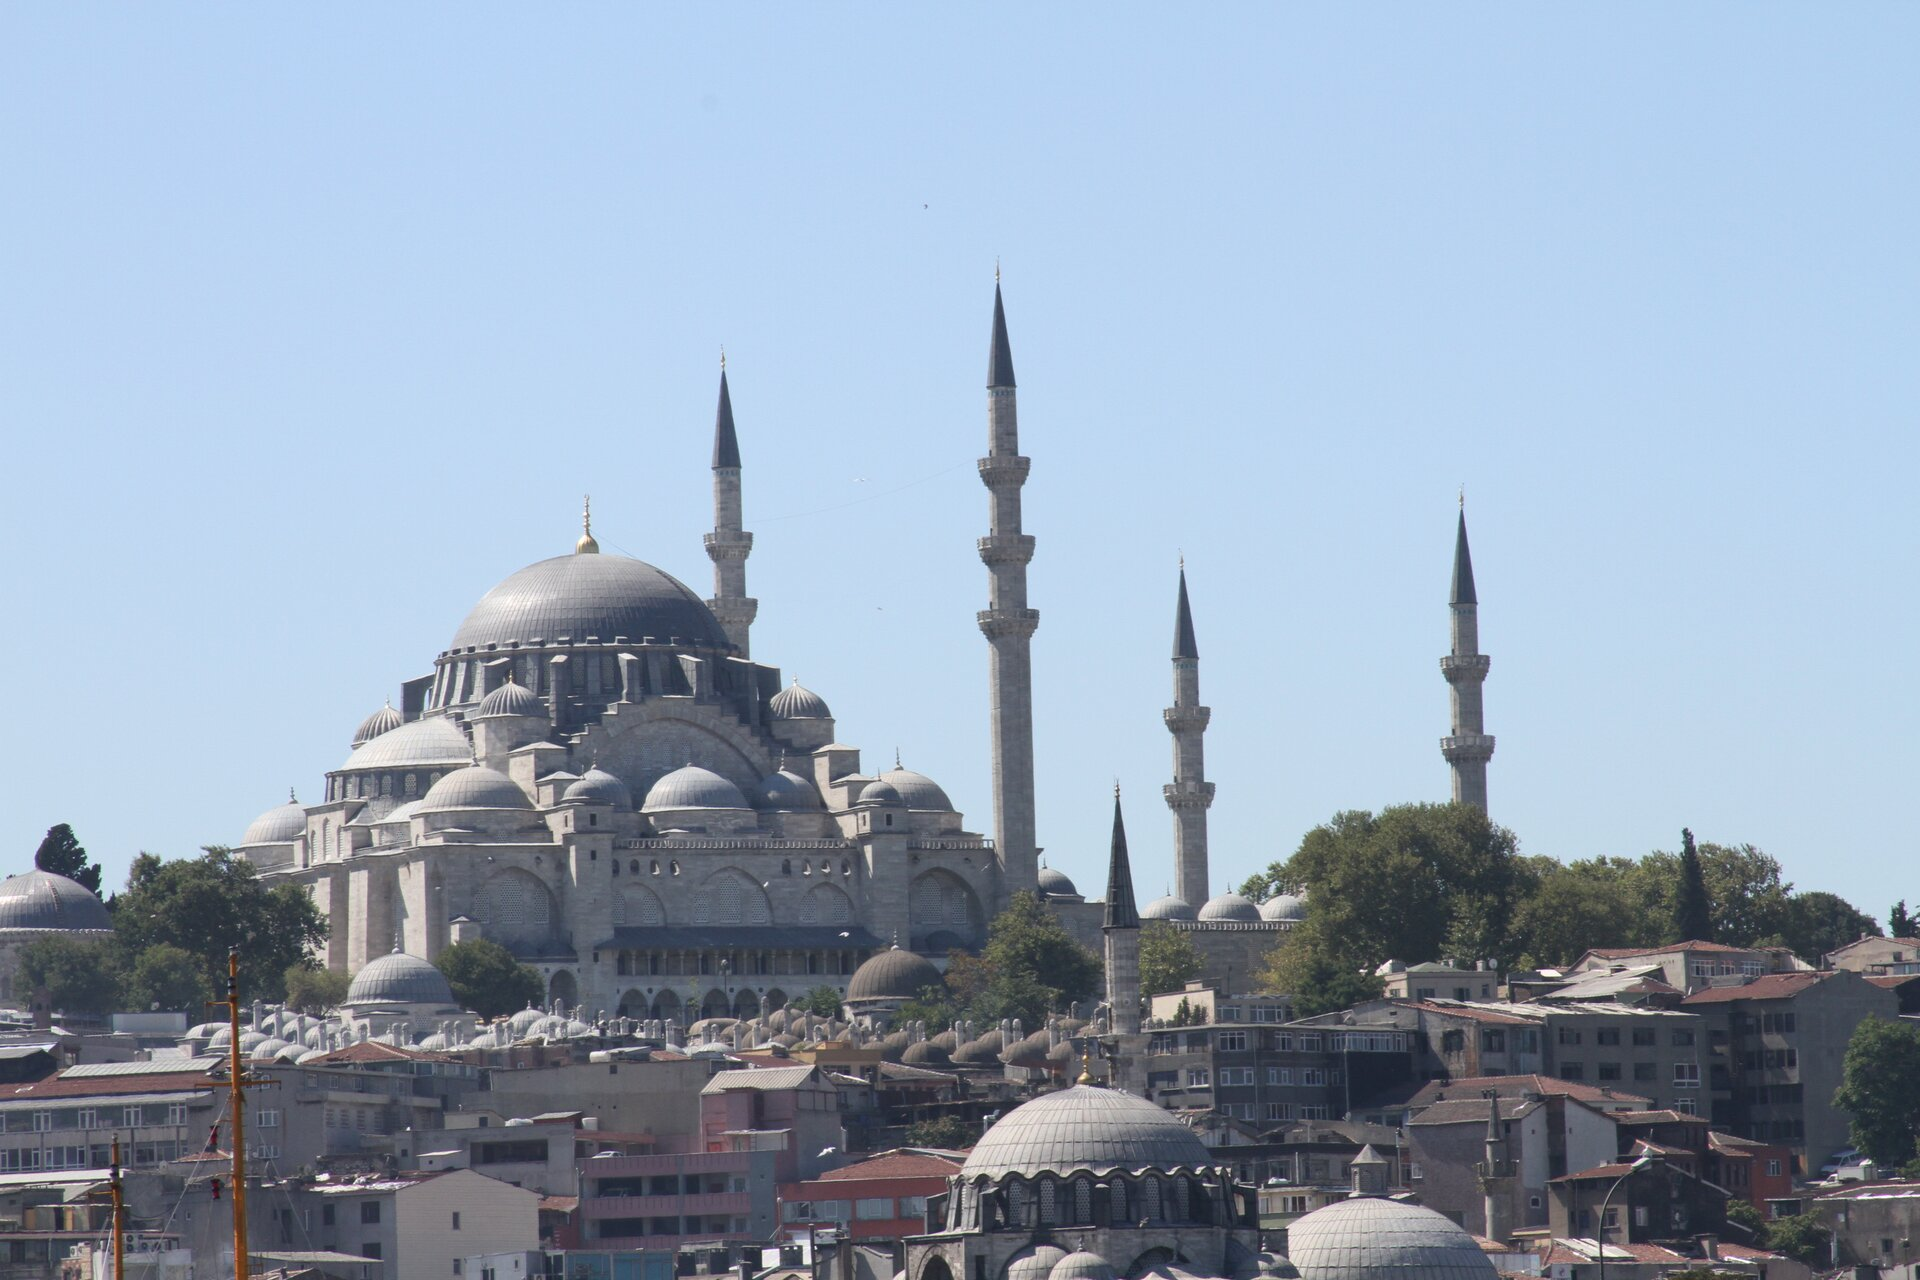 Meczet Sulejmana Wspaniałego wzniesiony wlatach 1551-1558; wyraźniewidać wzorowanie się na bizantyjskiej Hagia Sophia Meczet Sulejmana Wspaniałego wzniesiony wlatach 1551-1558; wyraźniewidać wzorowanie się na bizantyjskiej Hagia Sophia Źródło: José Luiz, Wikimedia Commons, licencja: CC BY-SA 3.0.